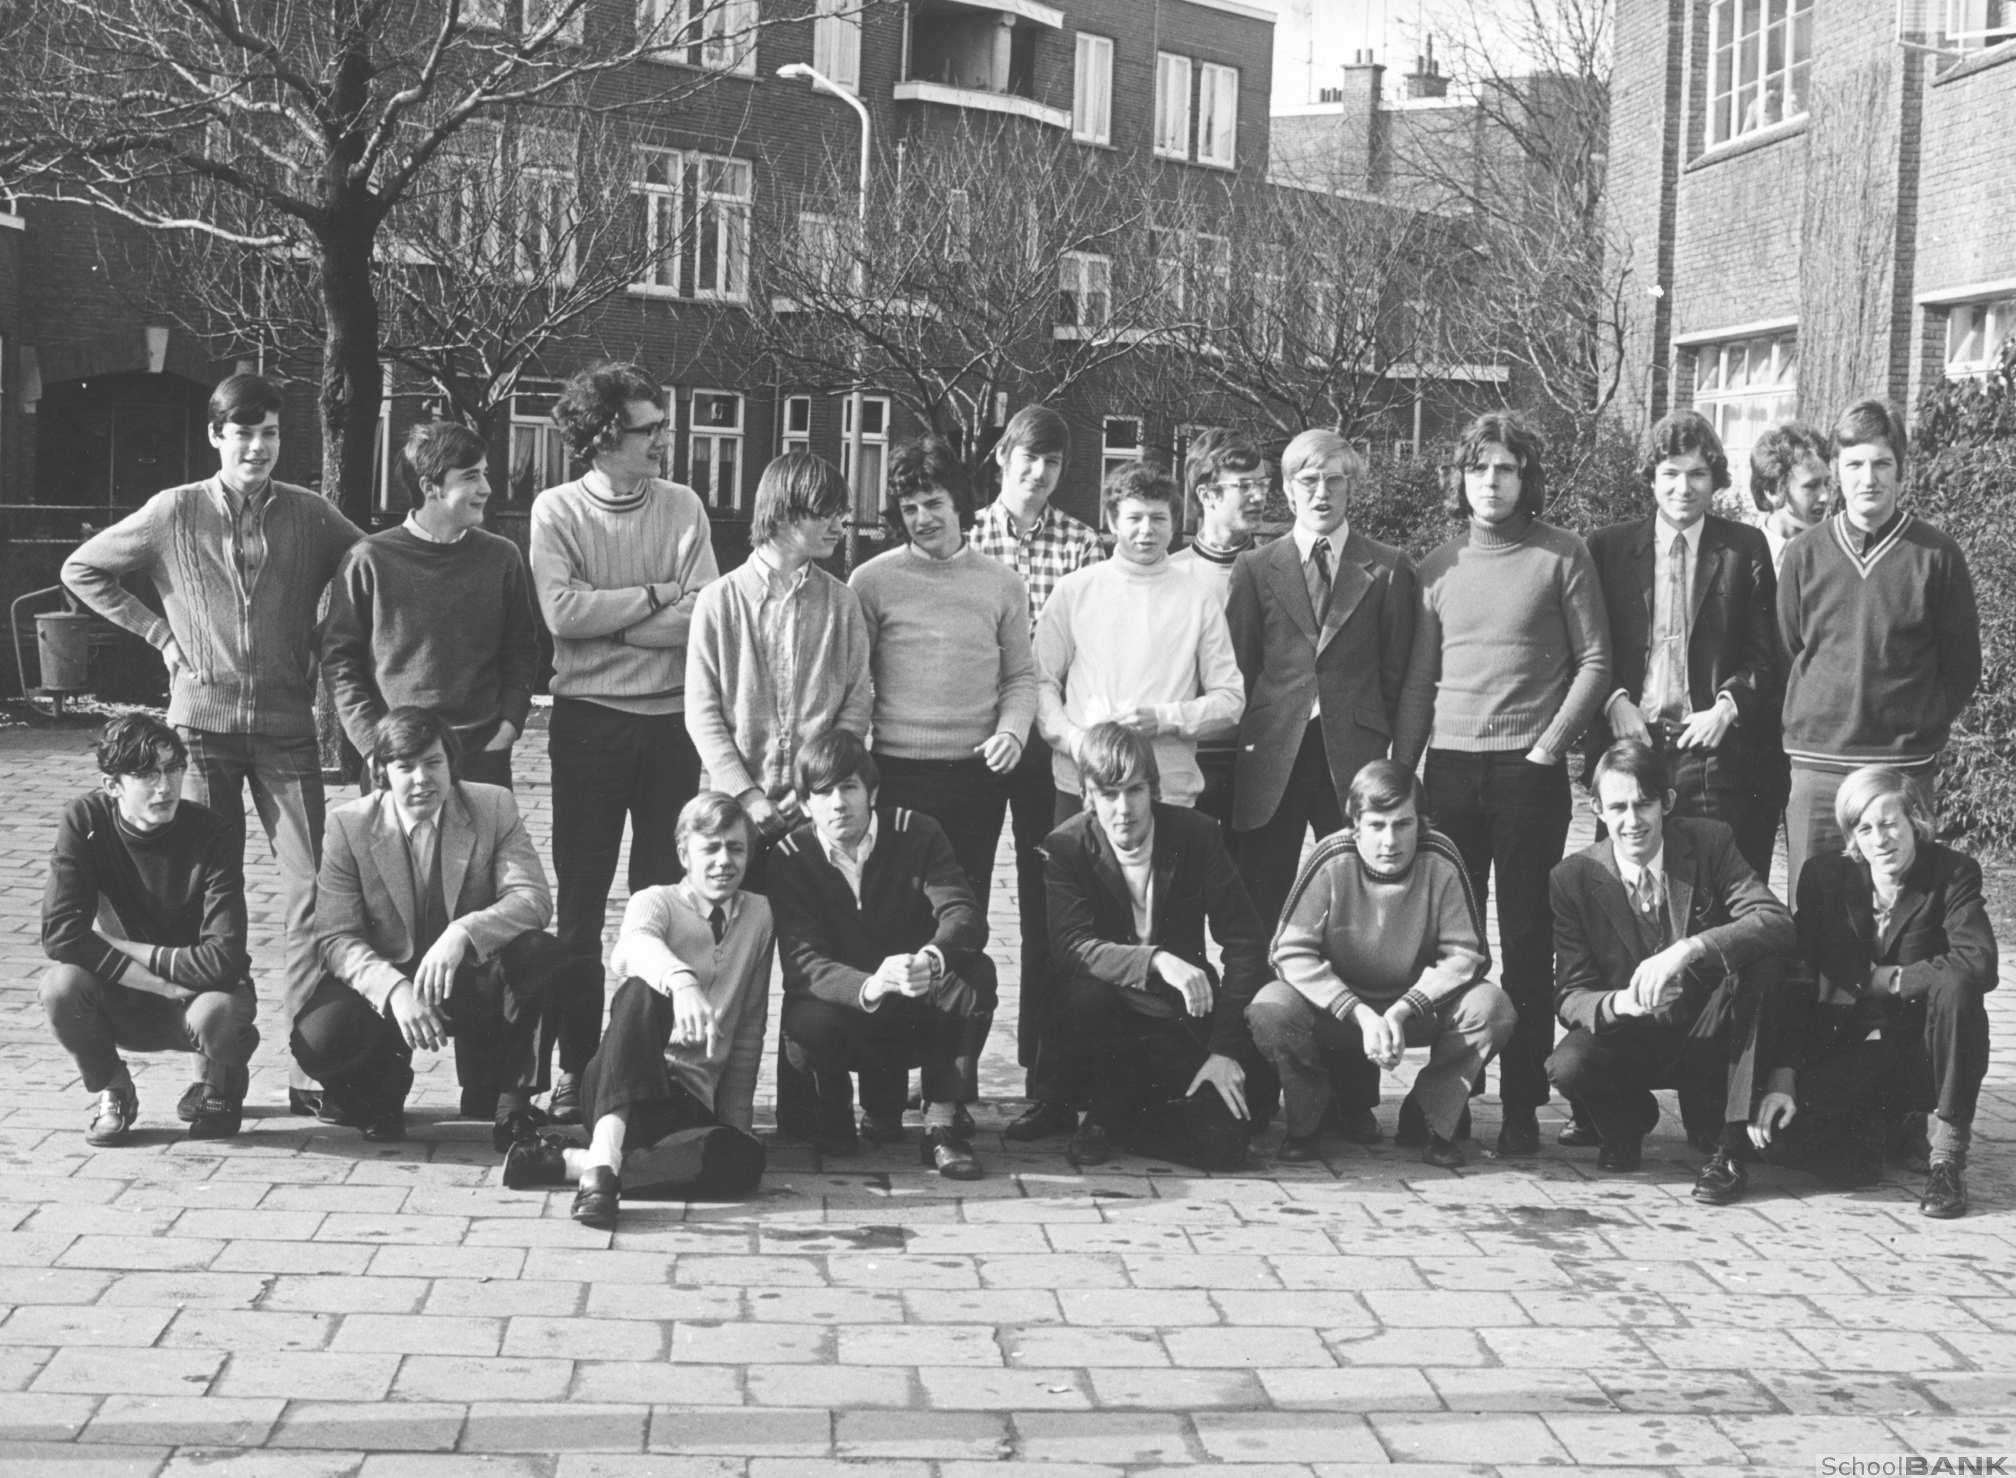 School voor LEAO (va 1968) foto